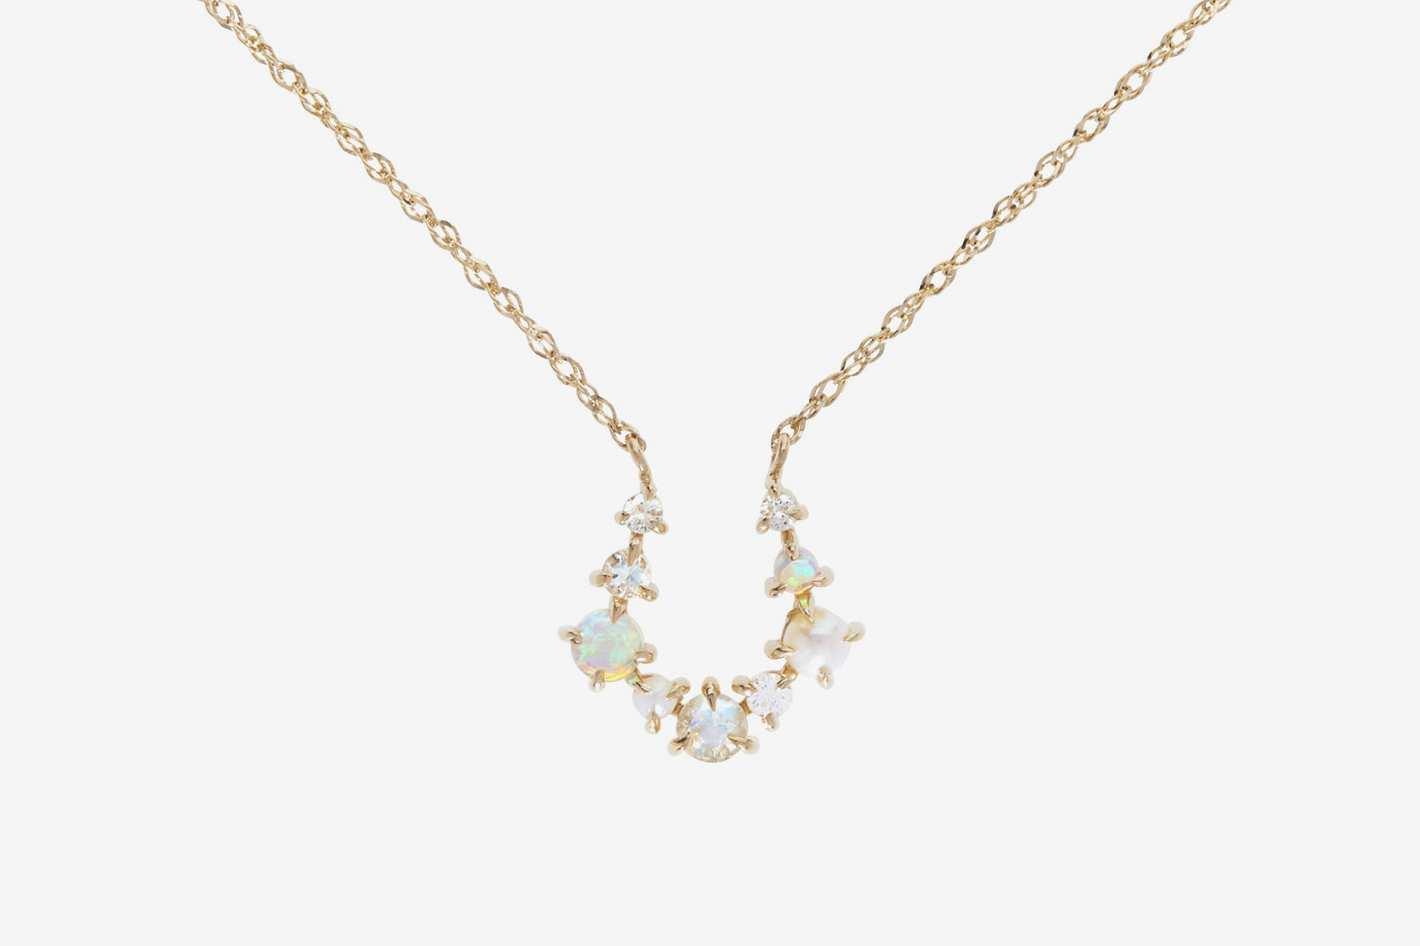 Leith Clark x Catbird Unicorn Horseshoe Necklace